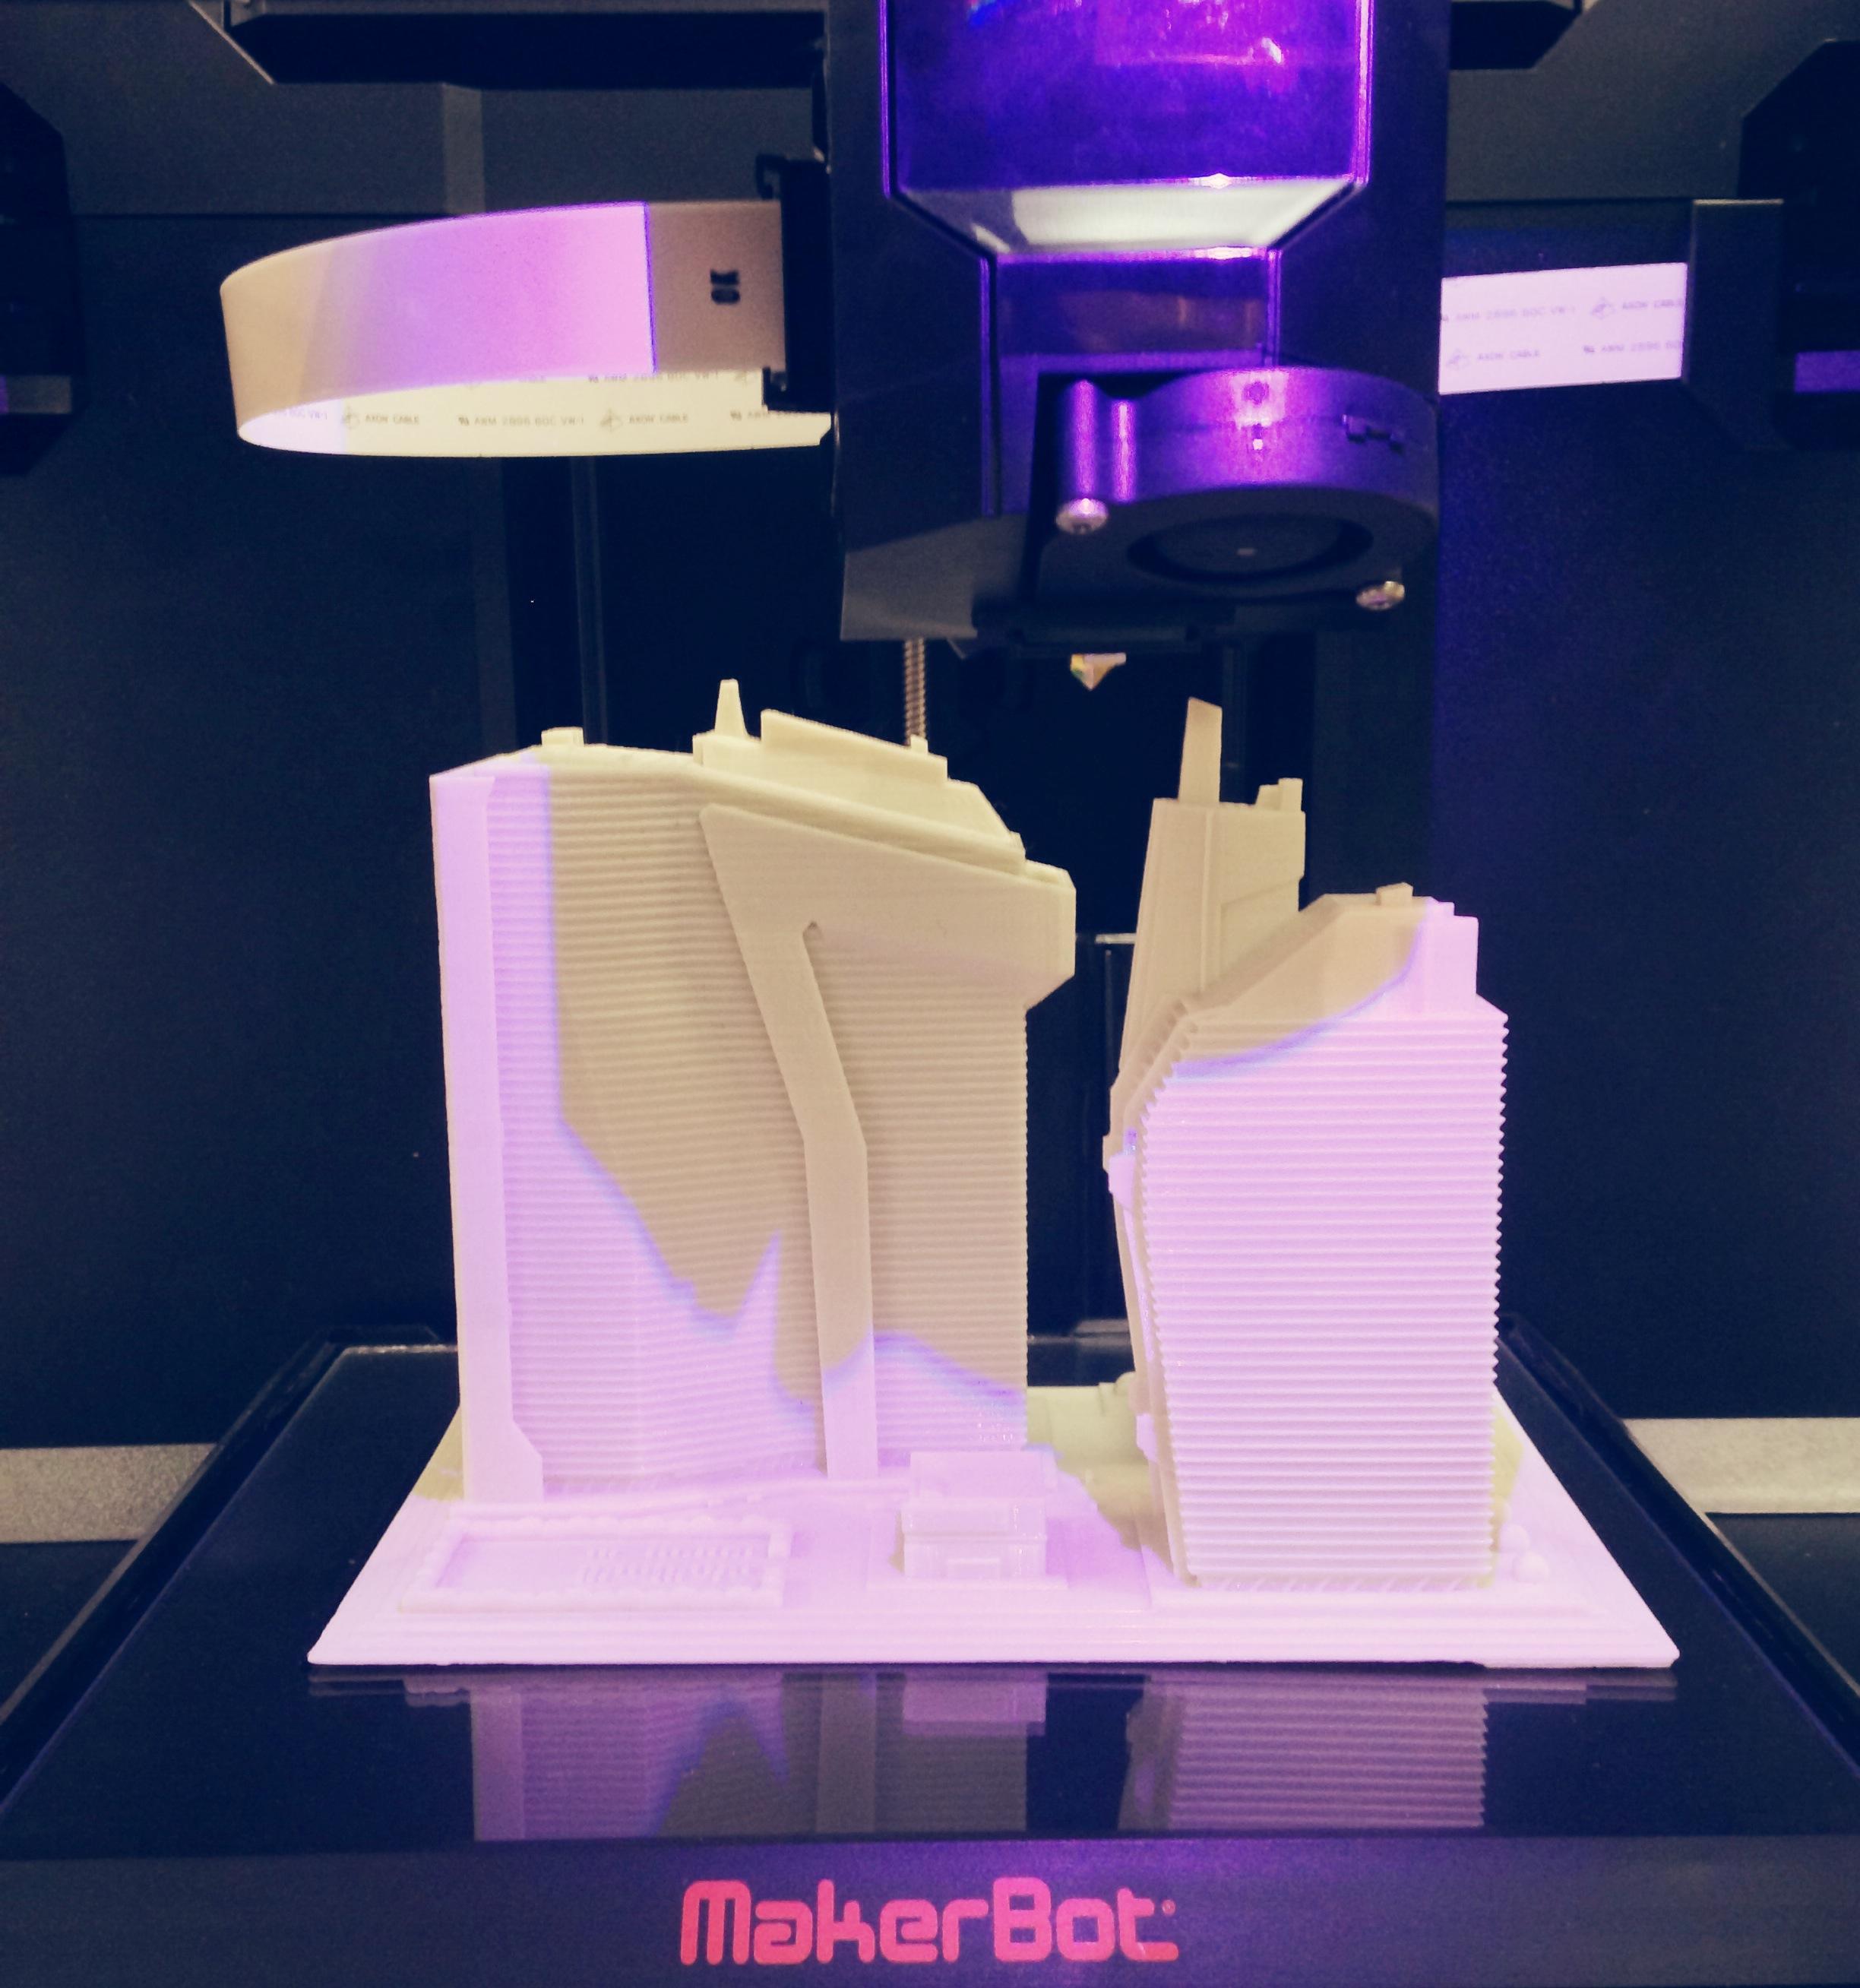 3D-Printshow, 3D, technology, art, design, Adobe, Photoshop, Shapeways, gallery, fashion-show, sculpture, showcase, NYC, Chelsea, Metropolitan-Pavilion